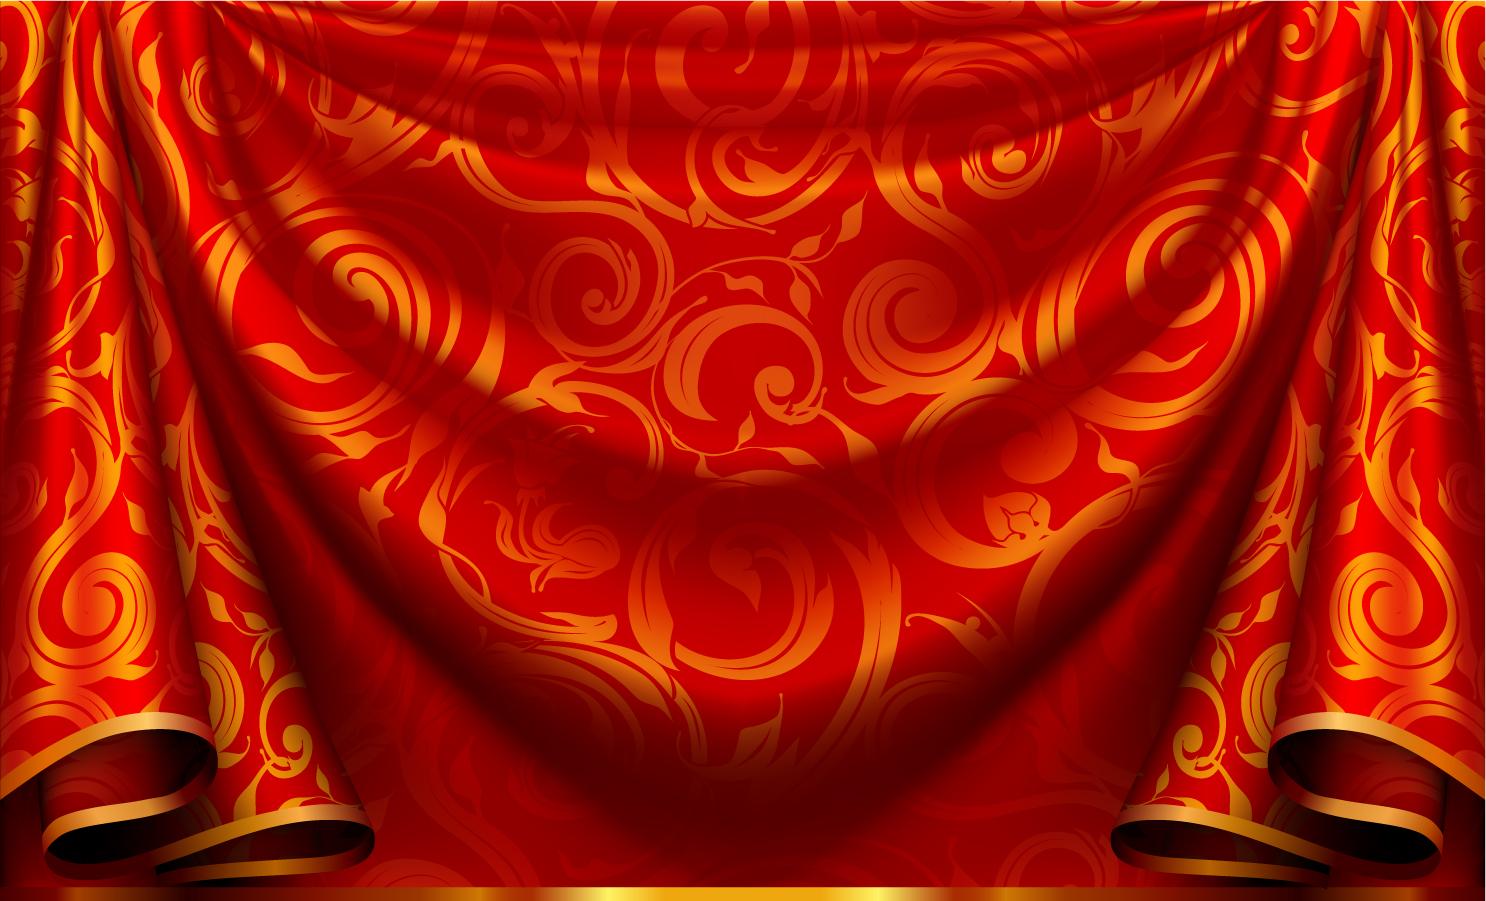 ... なカーテンの背景 Elegant curtain background イラスト素材